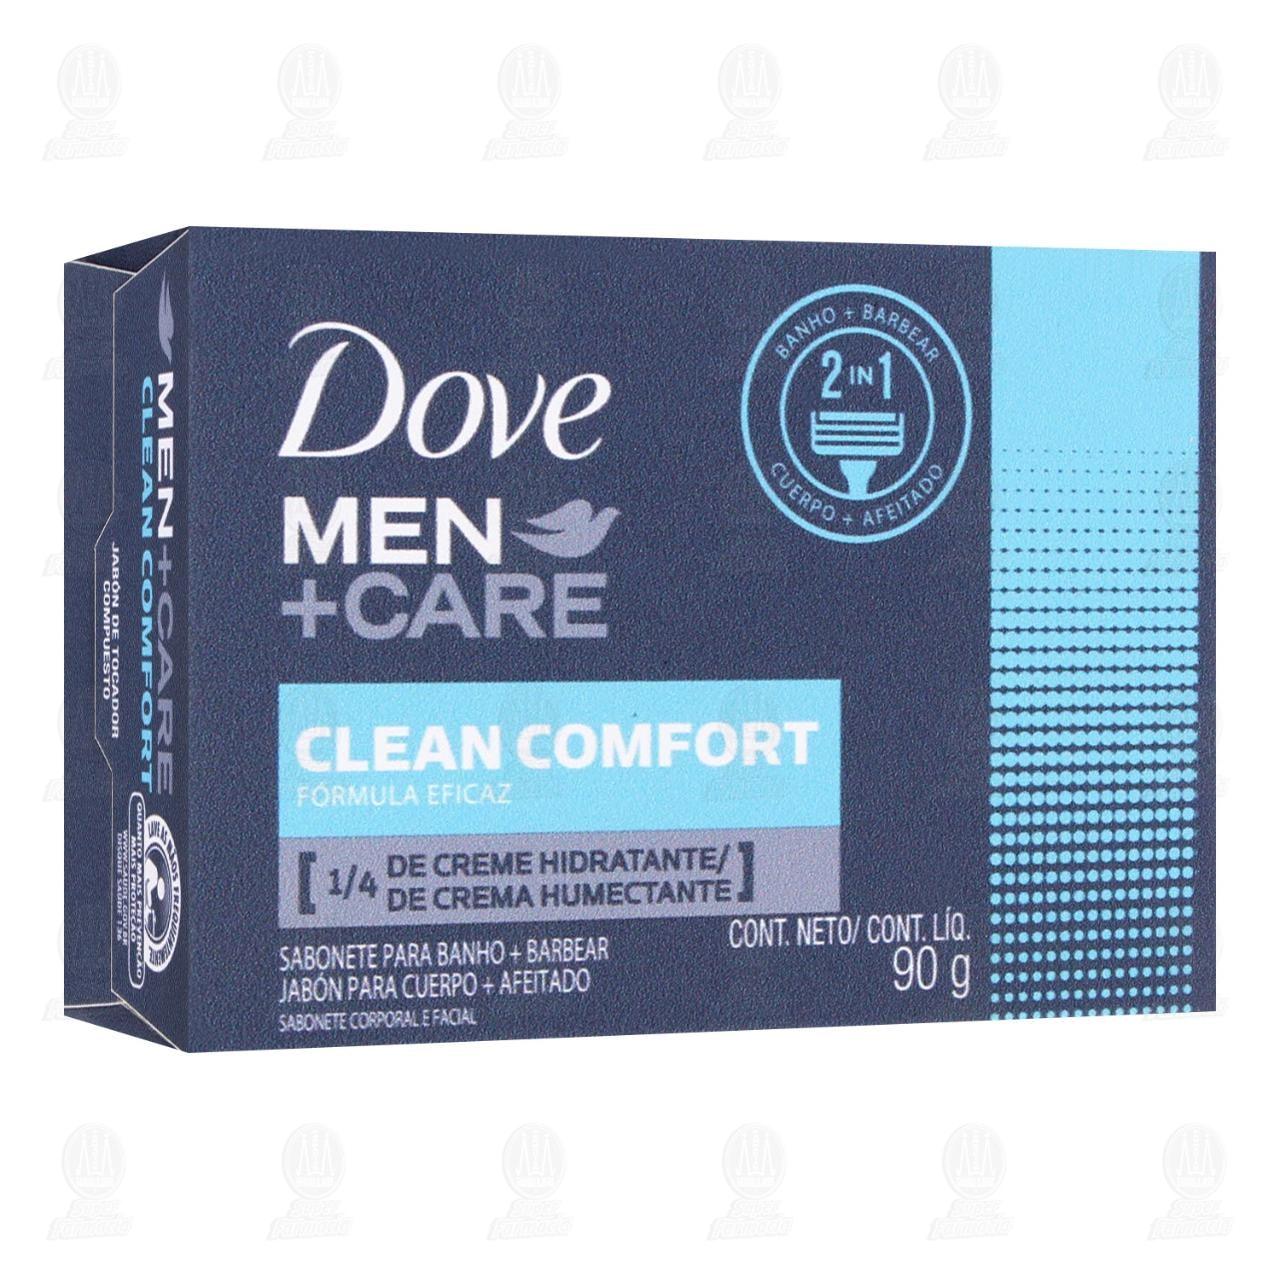 Comprar Jabón de Tocador Dove Men+Care 2 en 1 Clean Comfort en Barra, 90 gr. en Farmacias Guadalajara